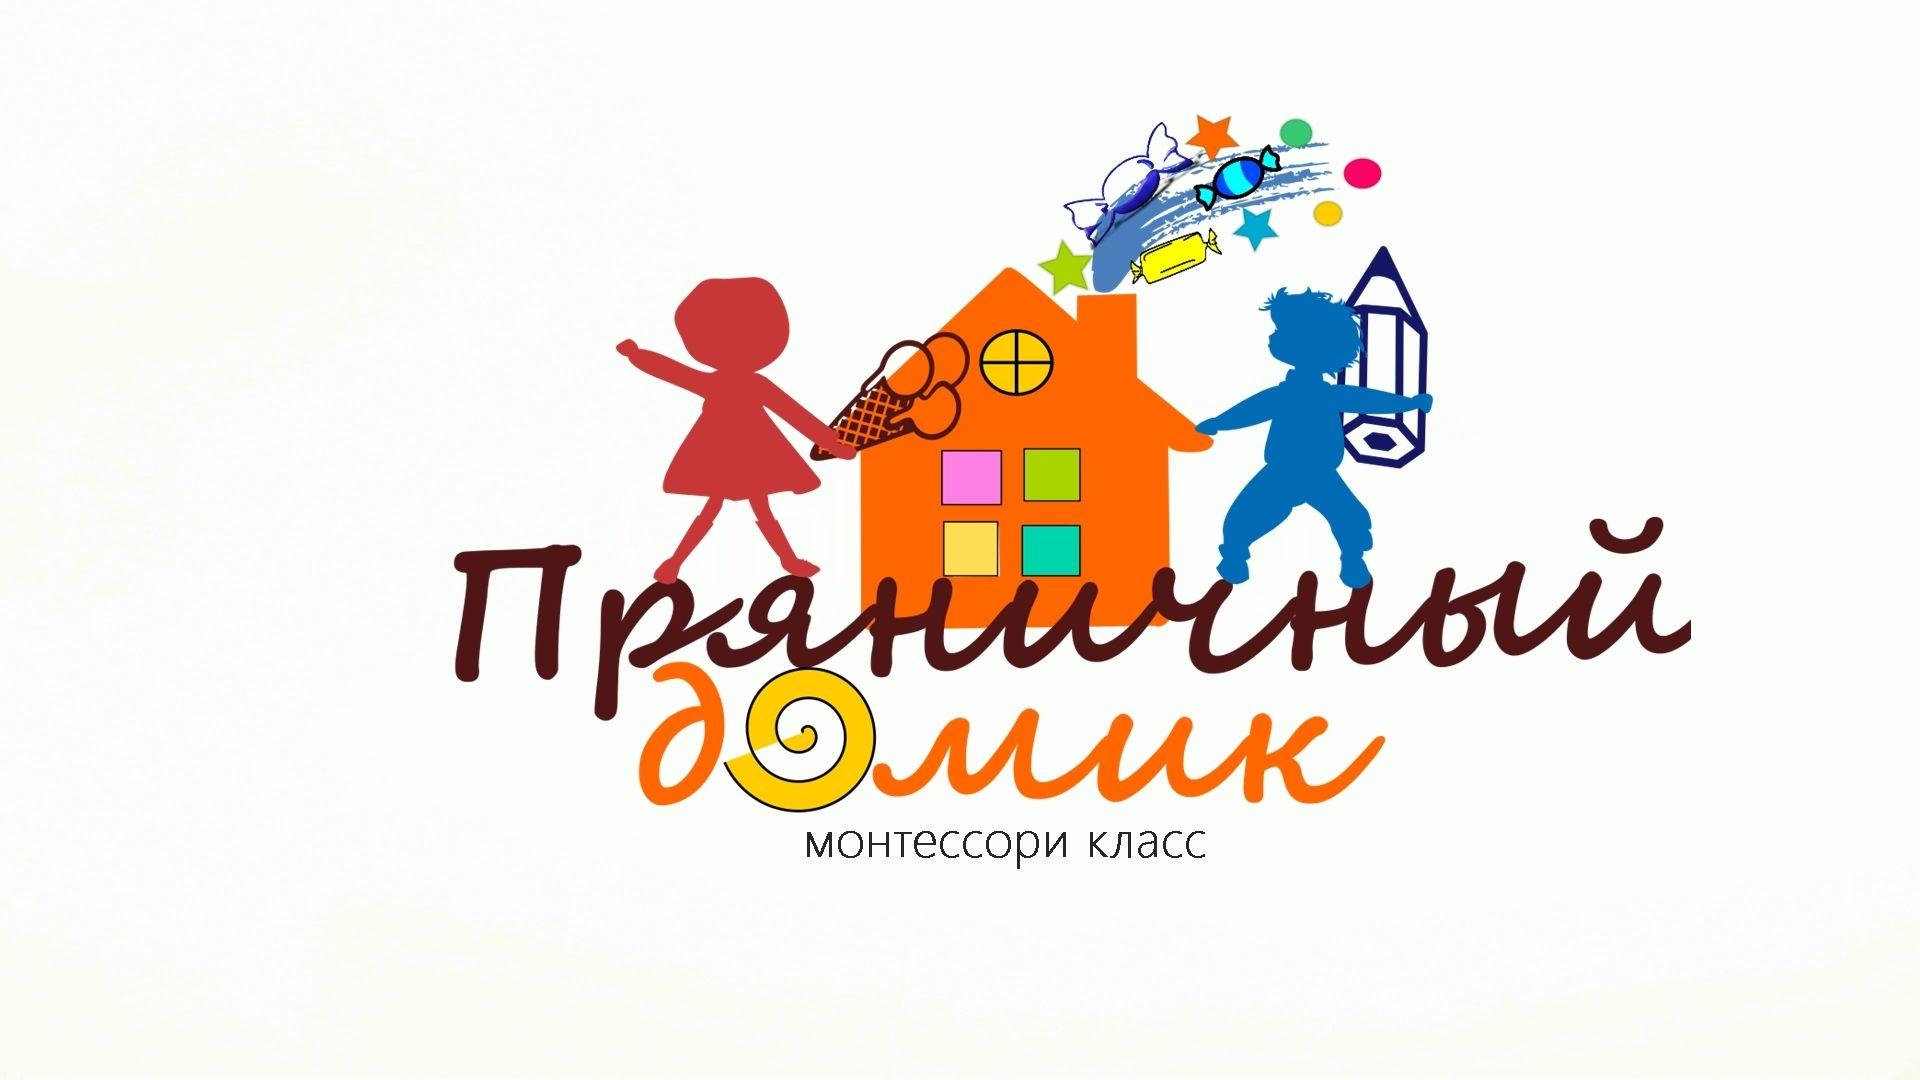 Логотип для ПРЯНИЧНЫЙ ДОМИК монтессори класс - дизайнер LENUSIF